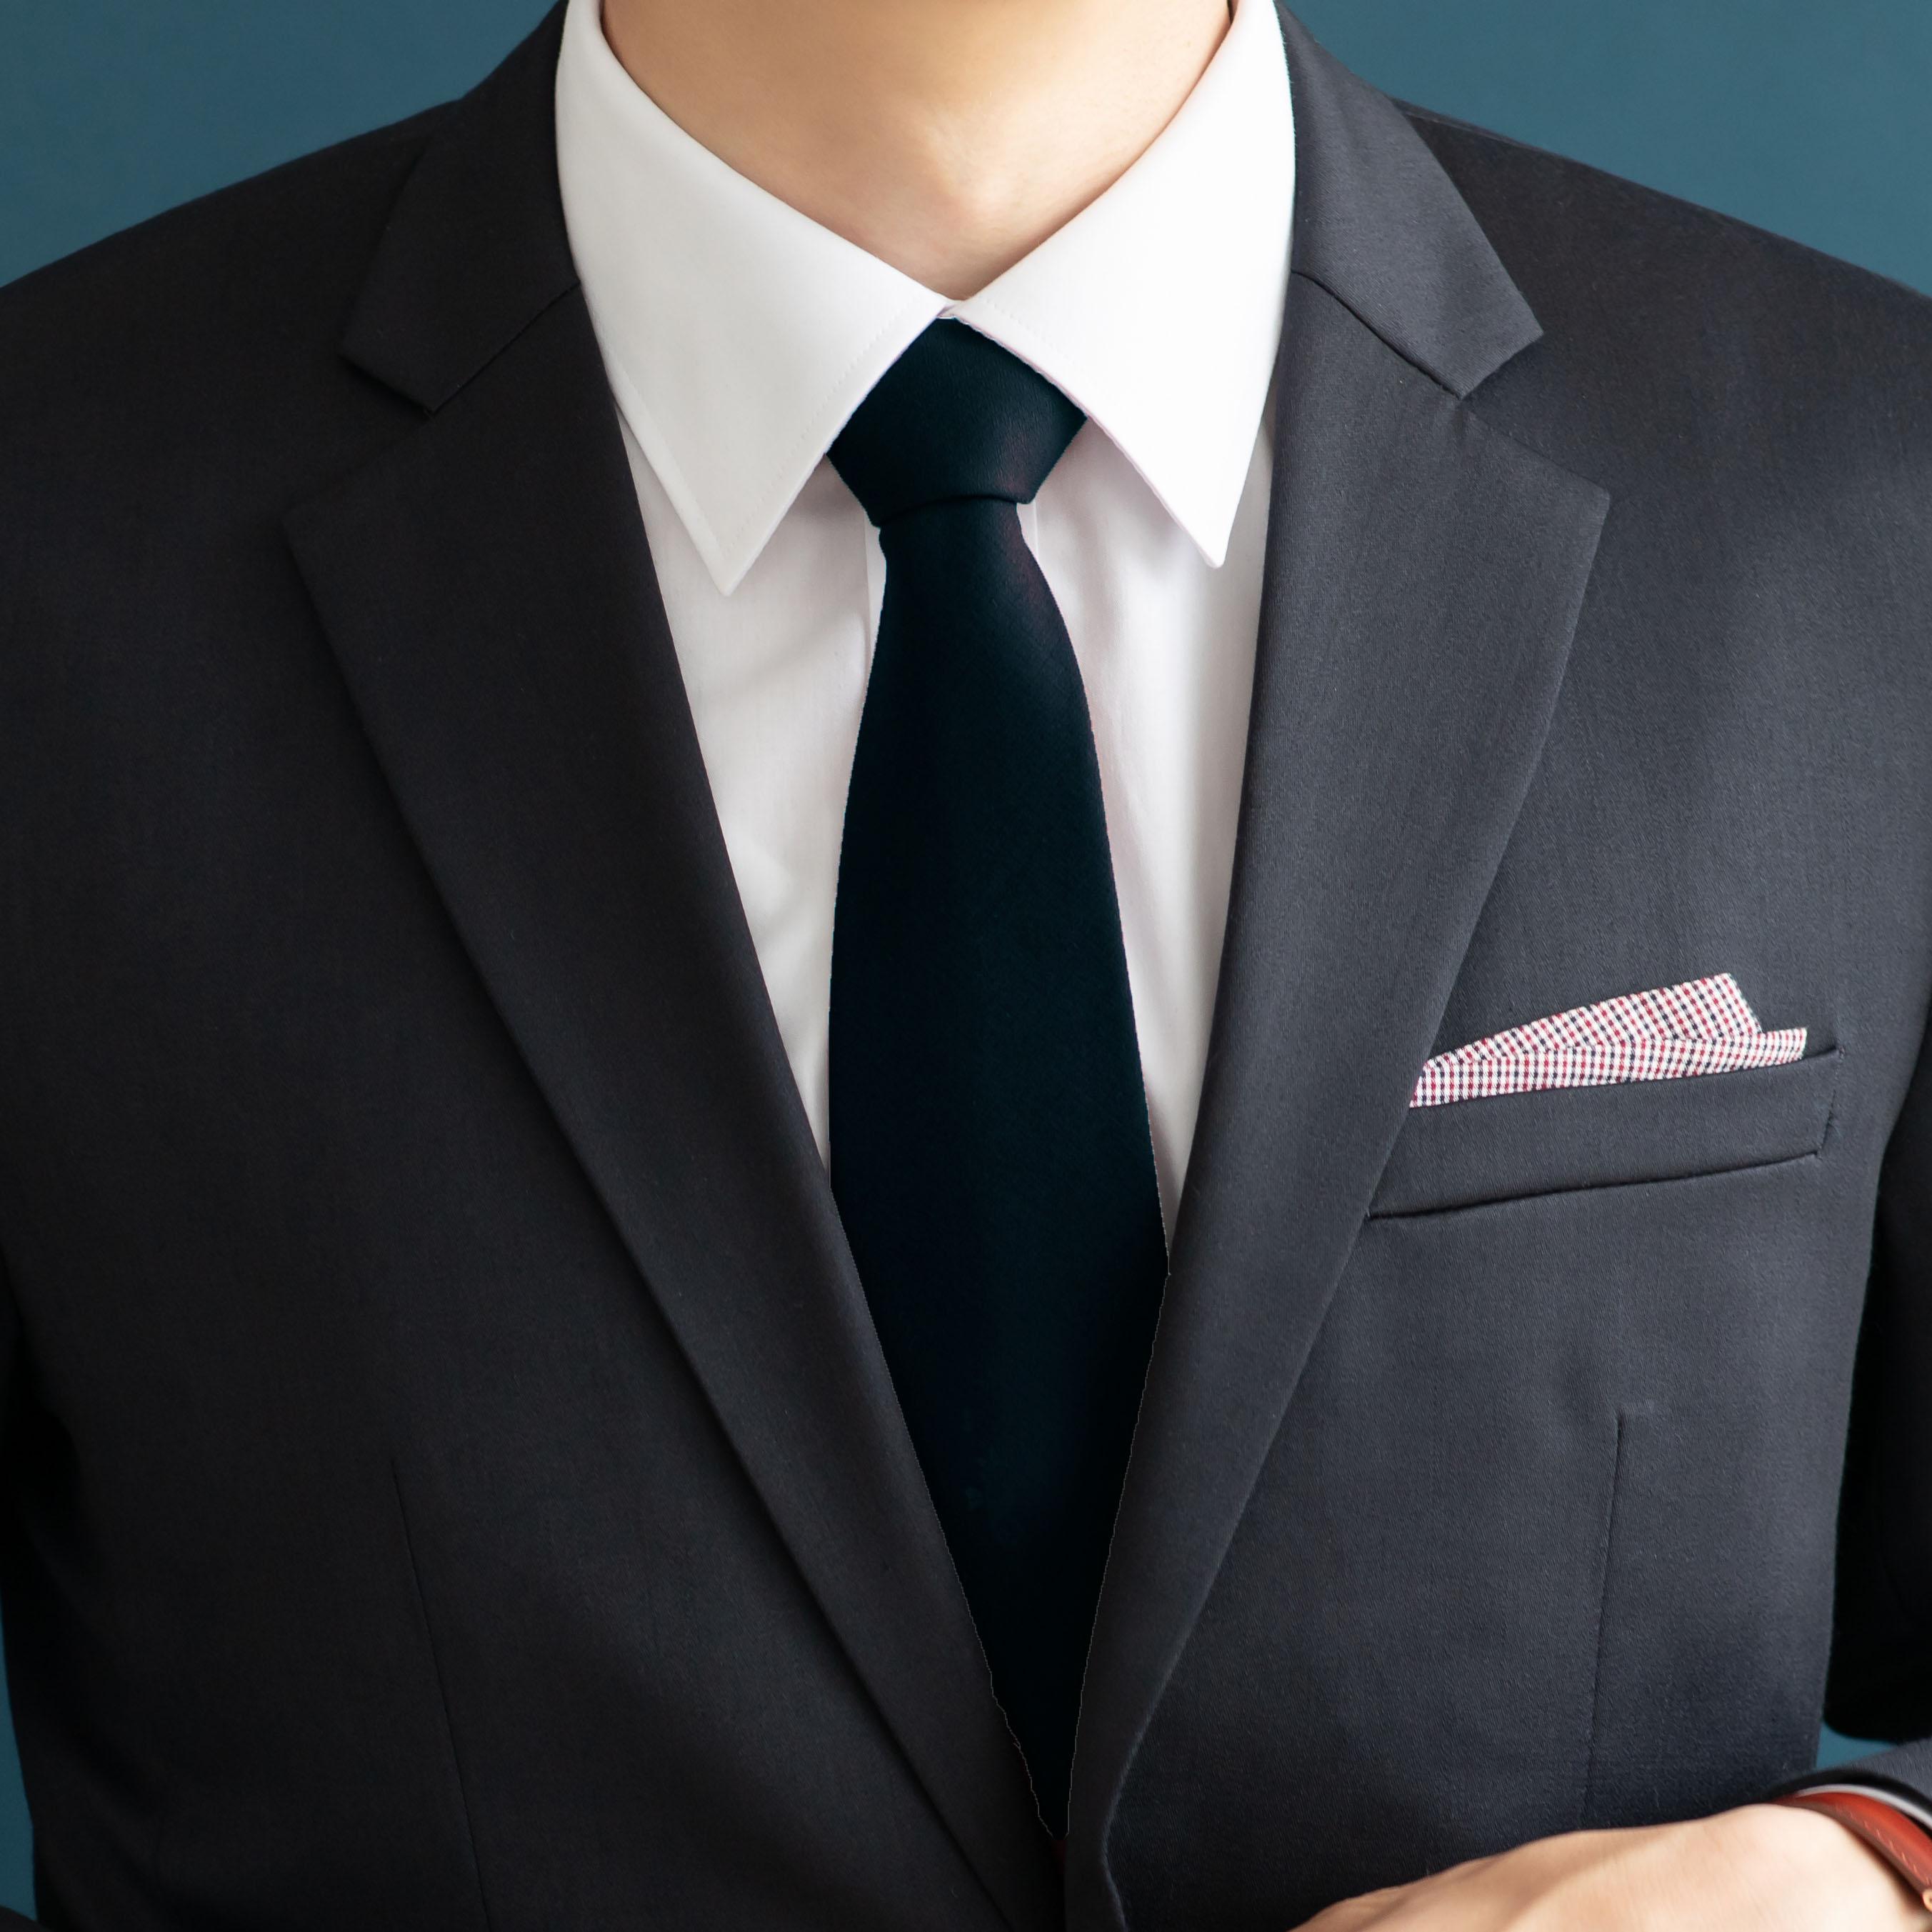 남자 선물 넥타이 모음 (선물포장 쇼핑백증정)